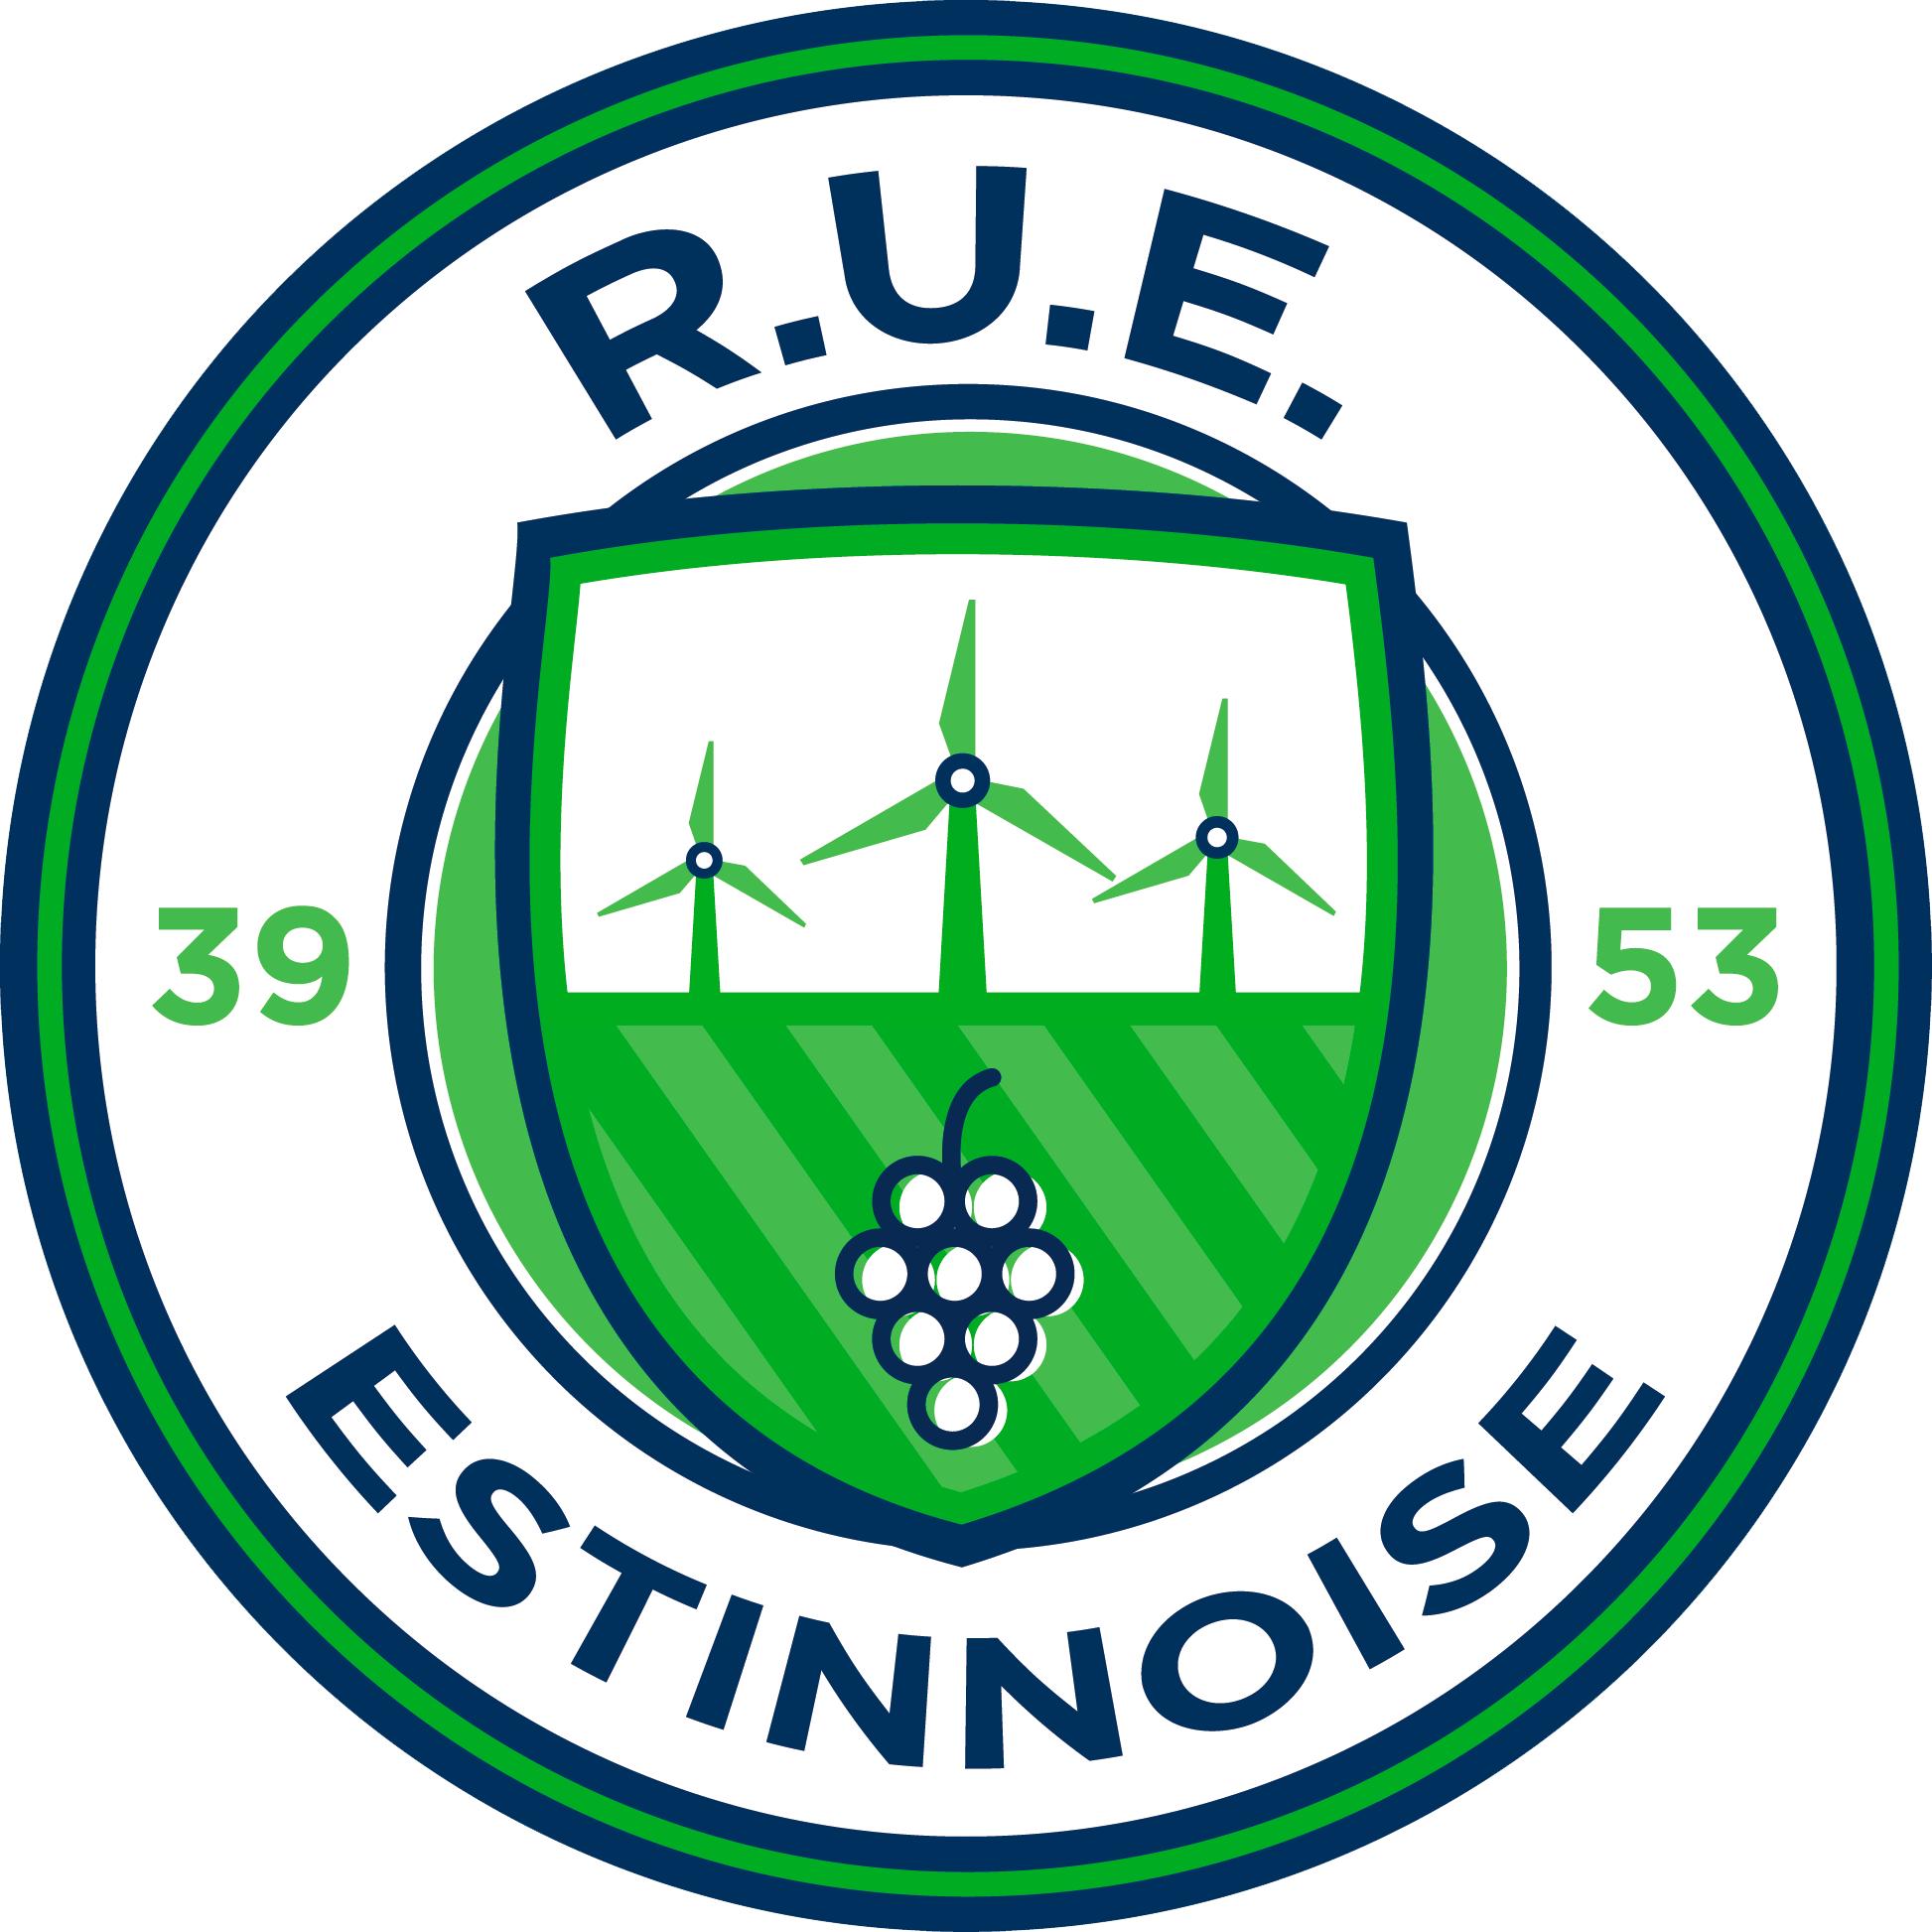 6 - U.E. Estinnoise